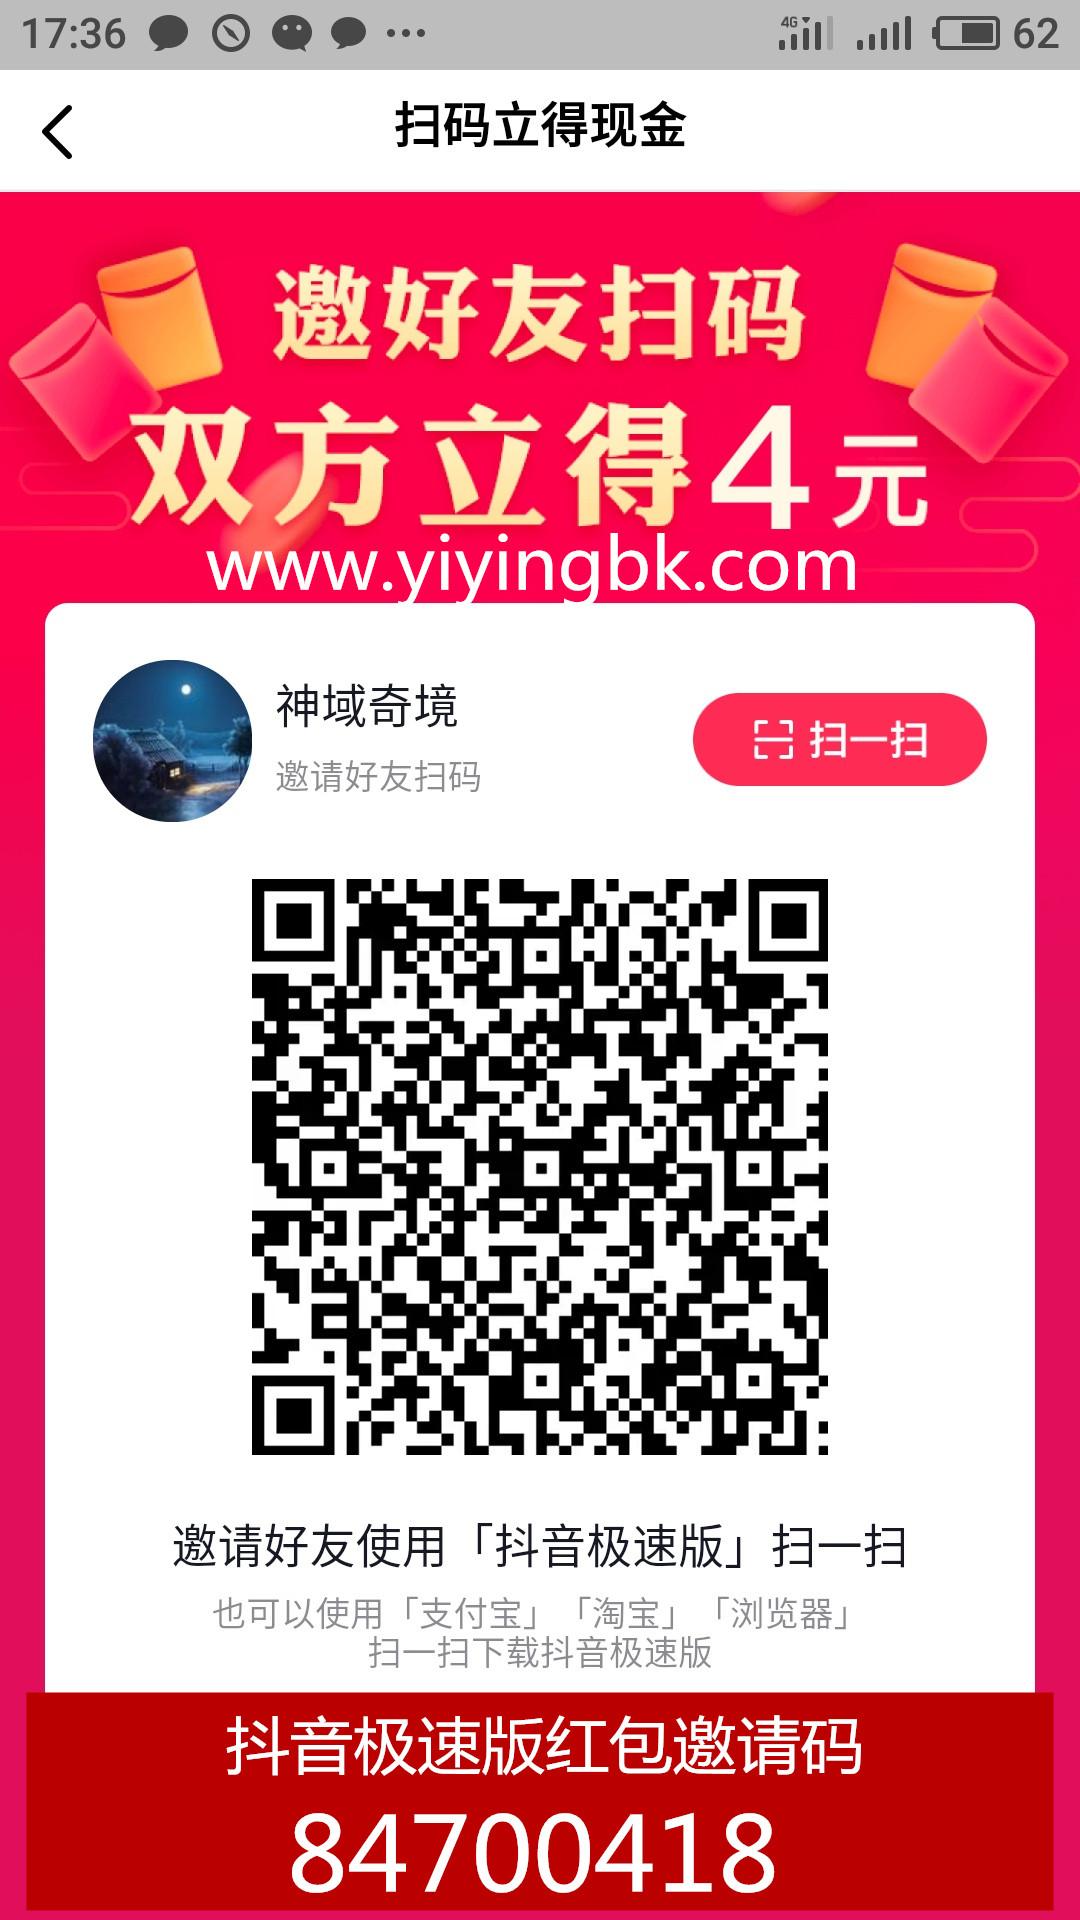 抖音极速版免费领4元现金红包二维码,邀请码84700418,www.yiyingbk.com